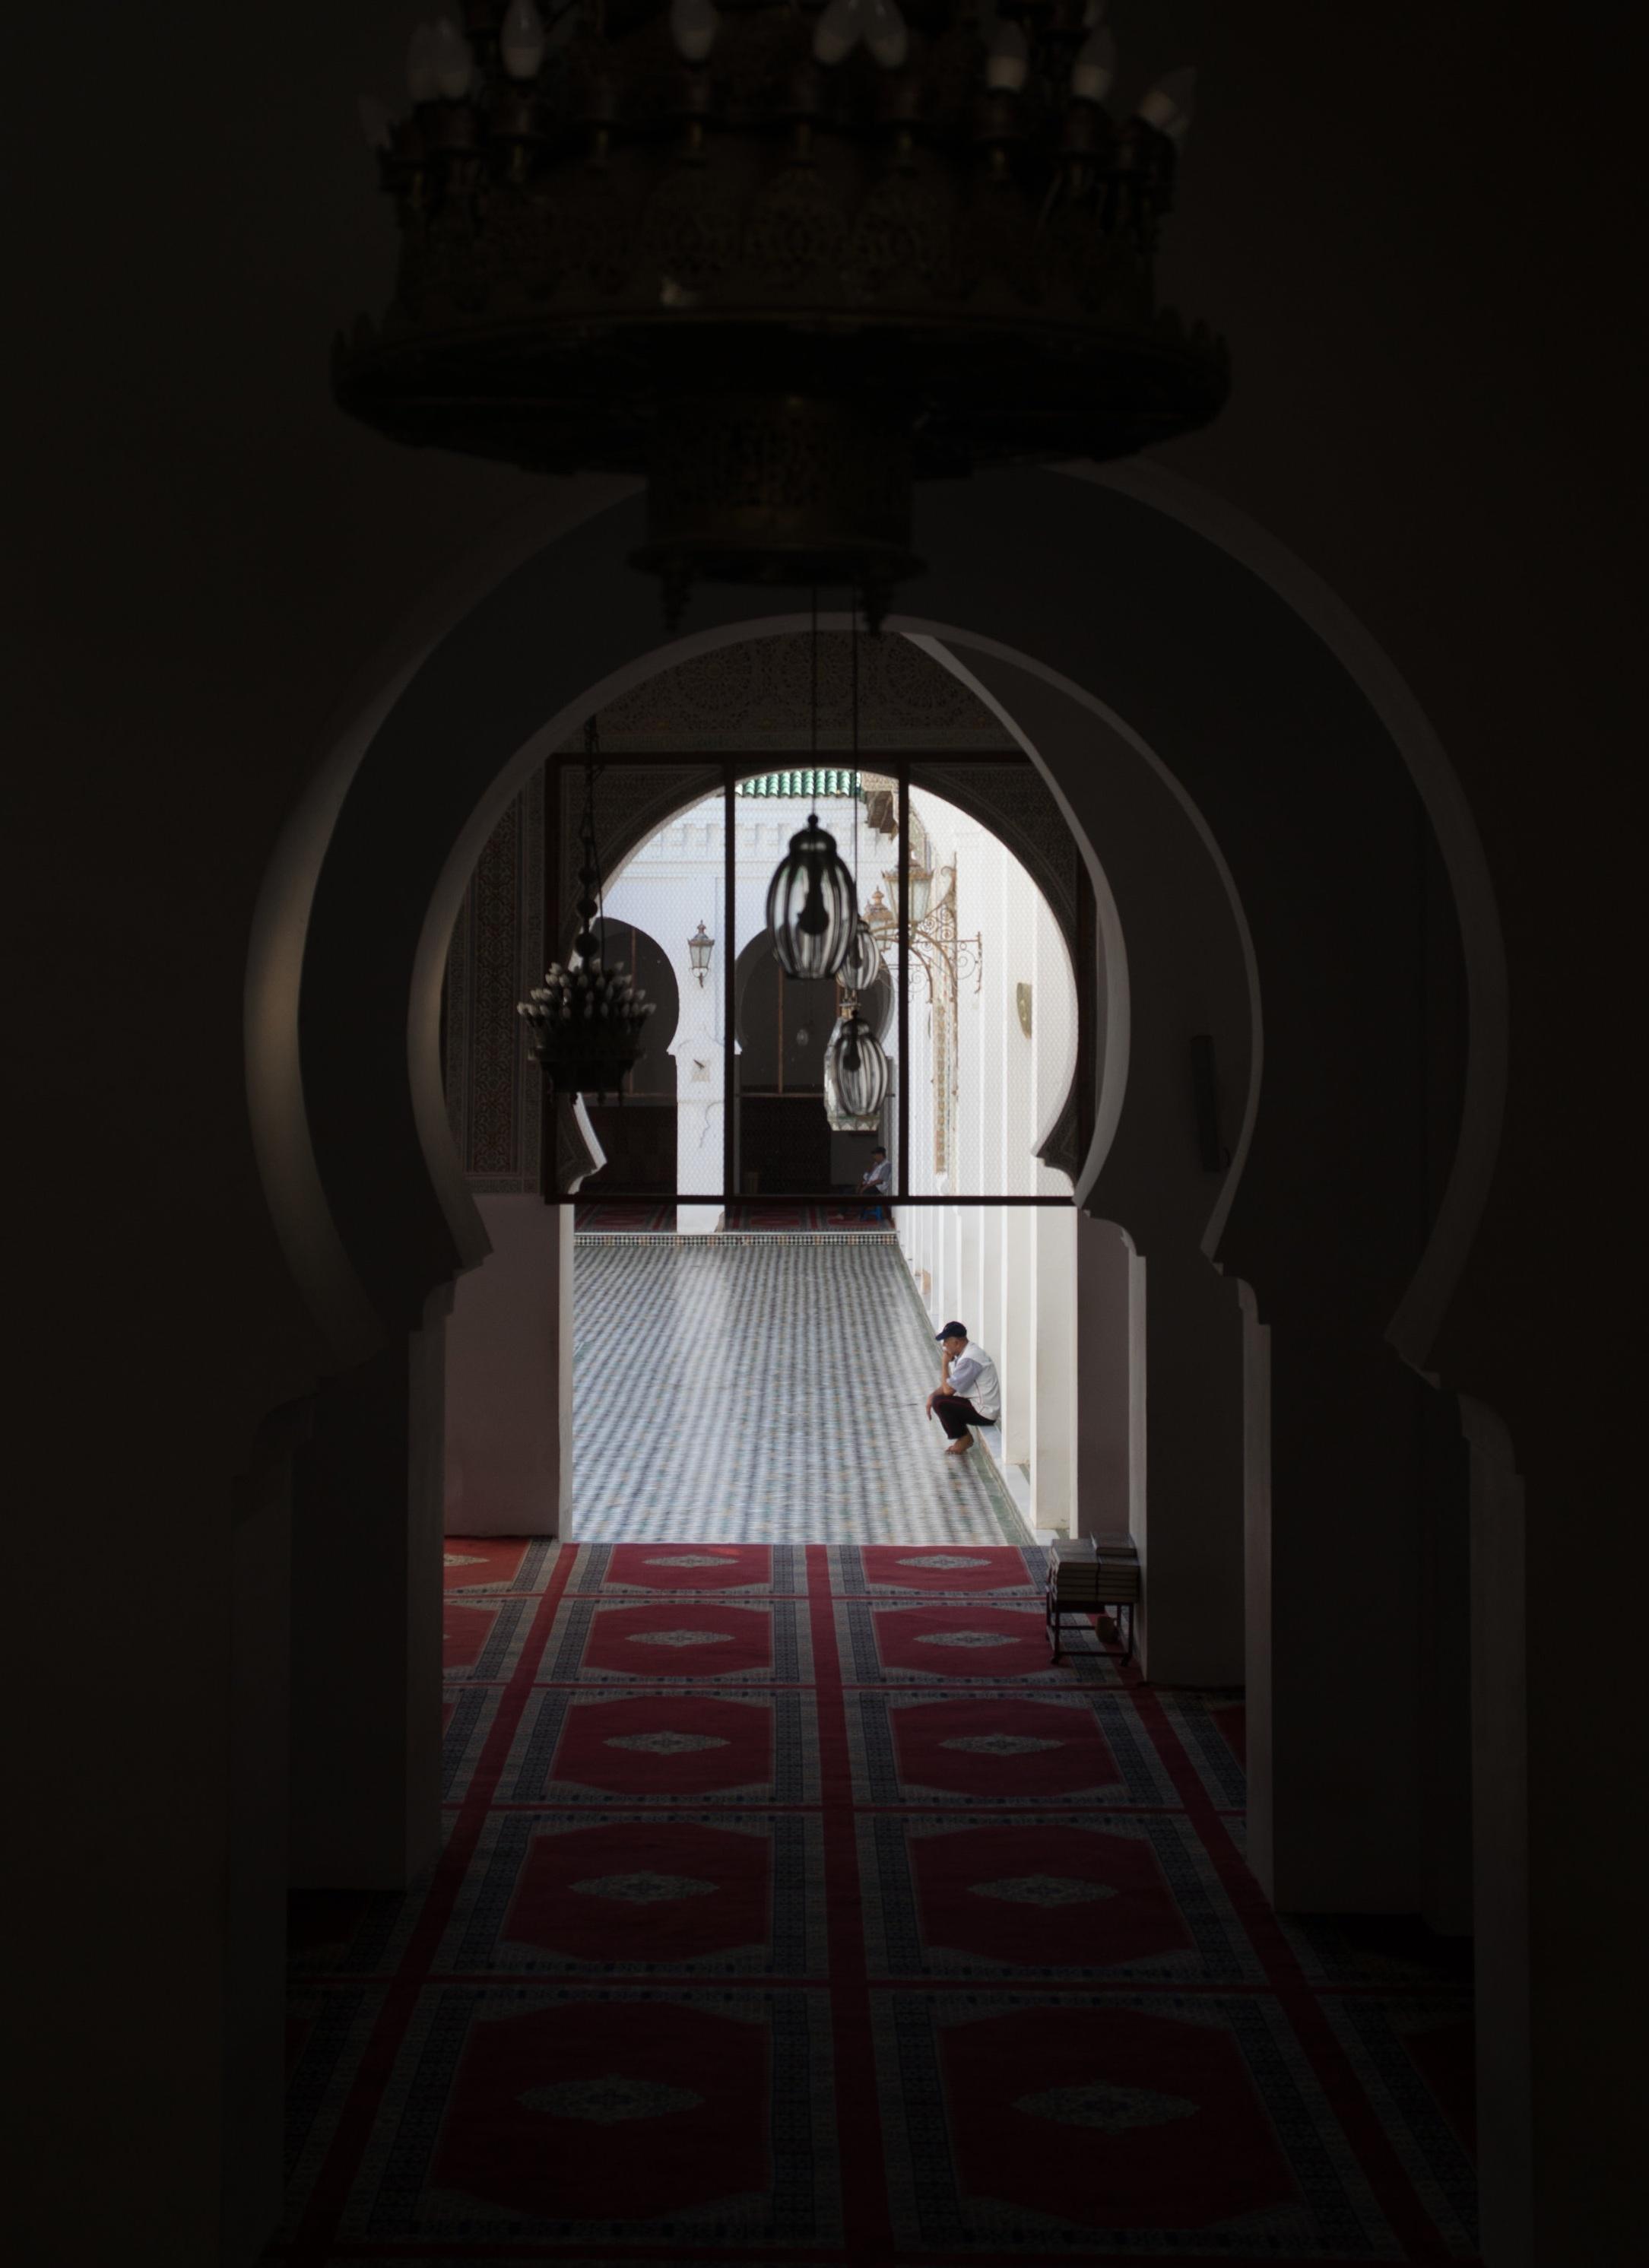 Empty Mosque - Fez, Morocco